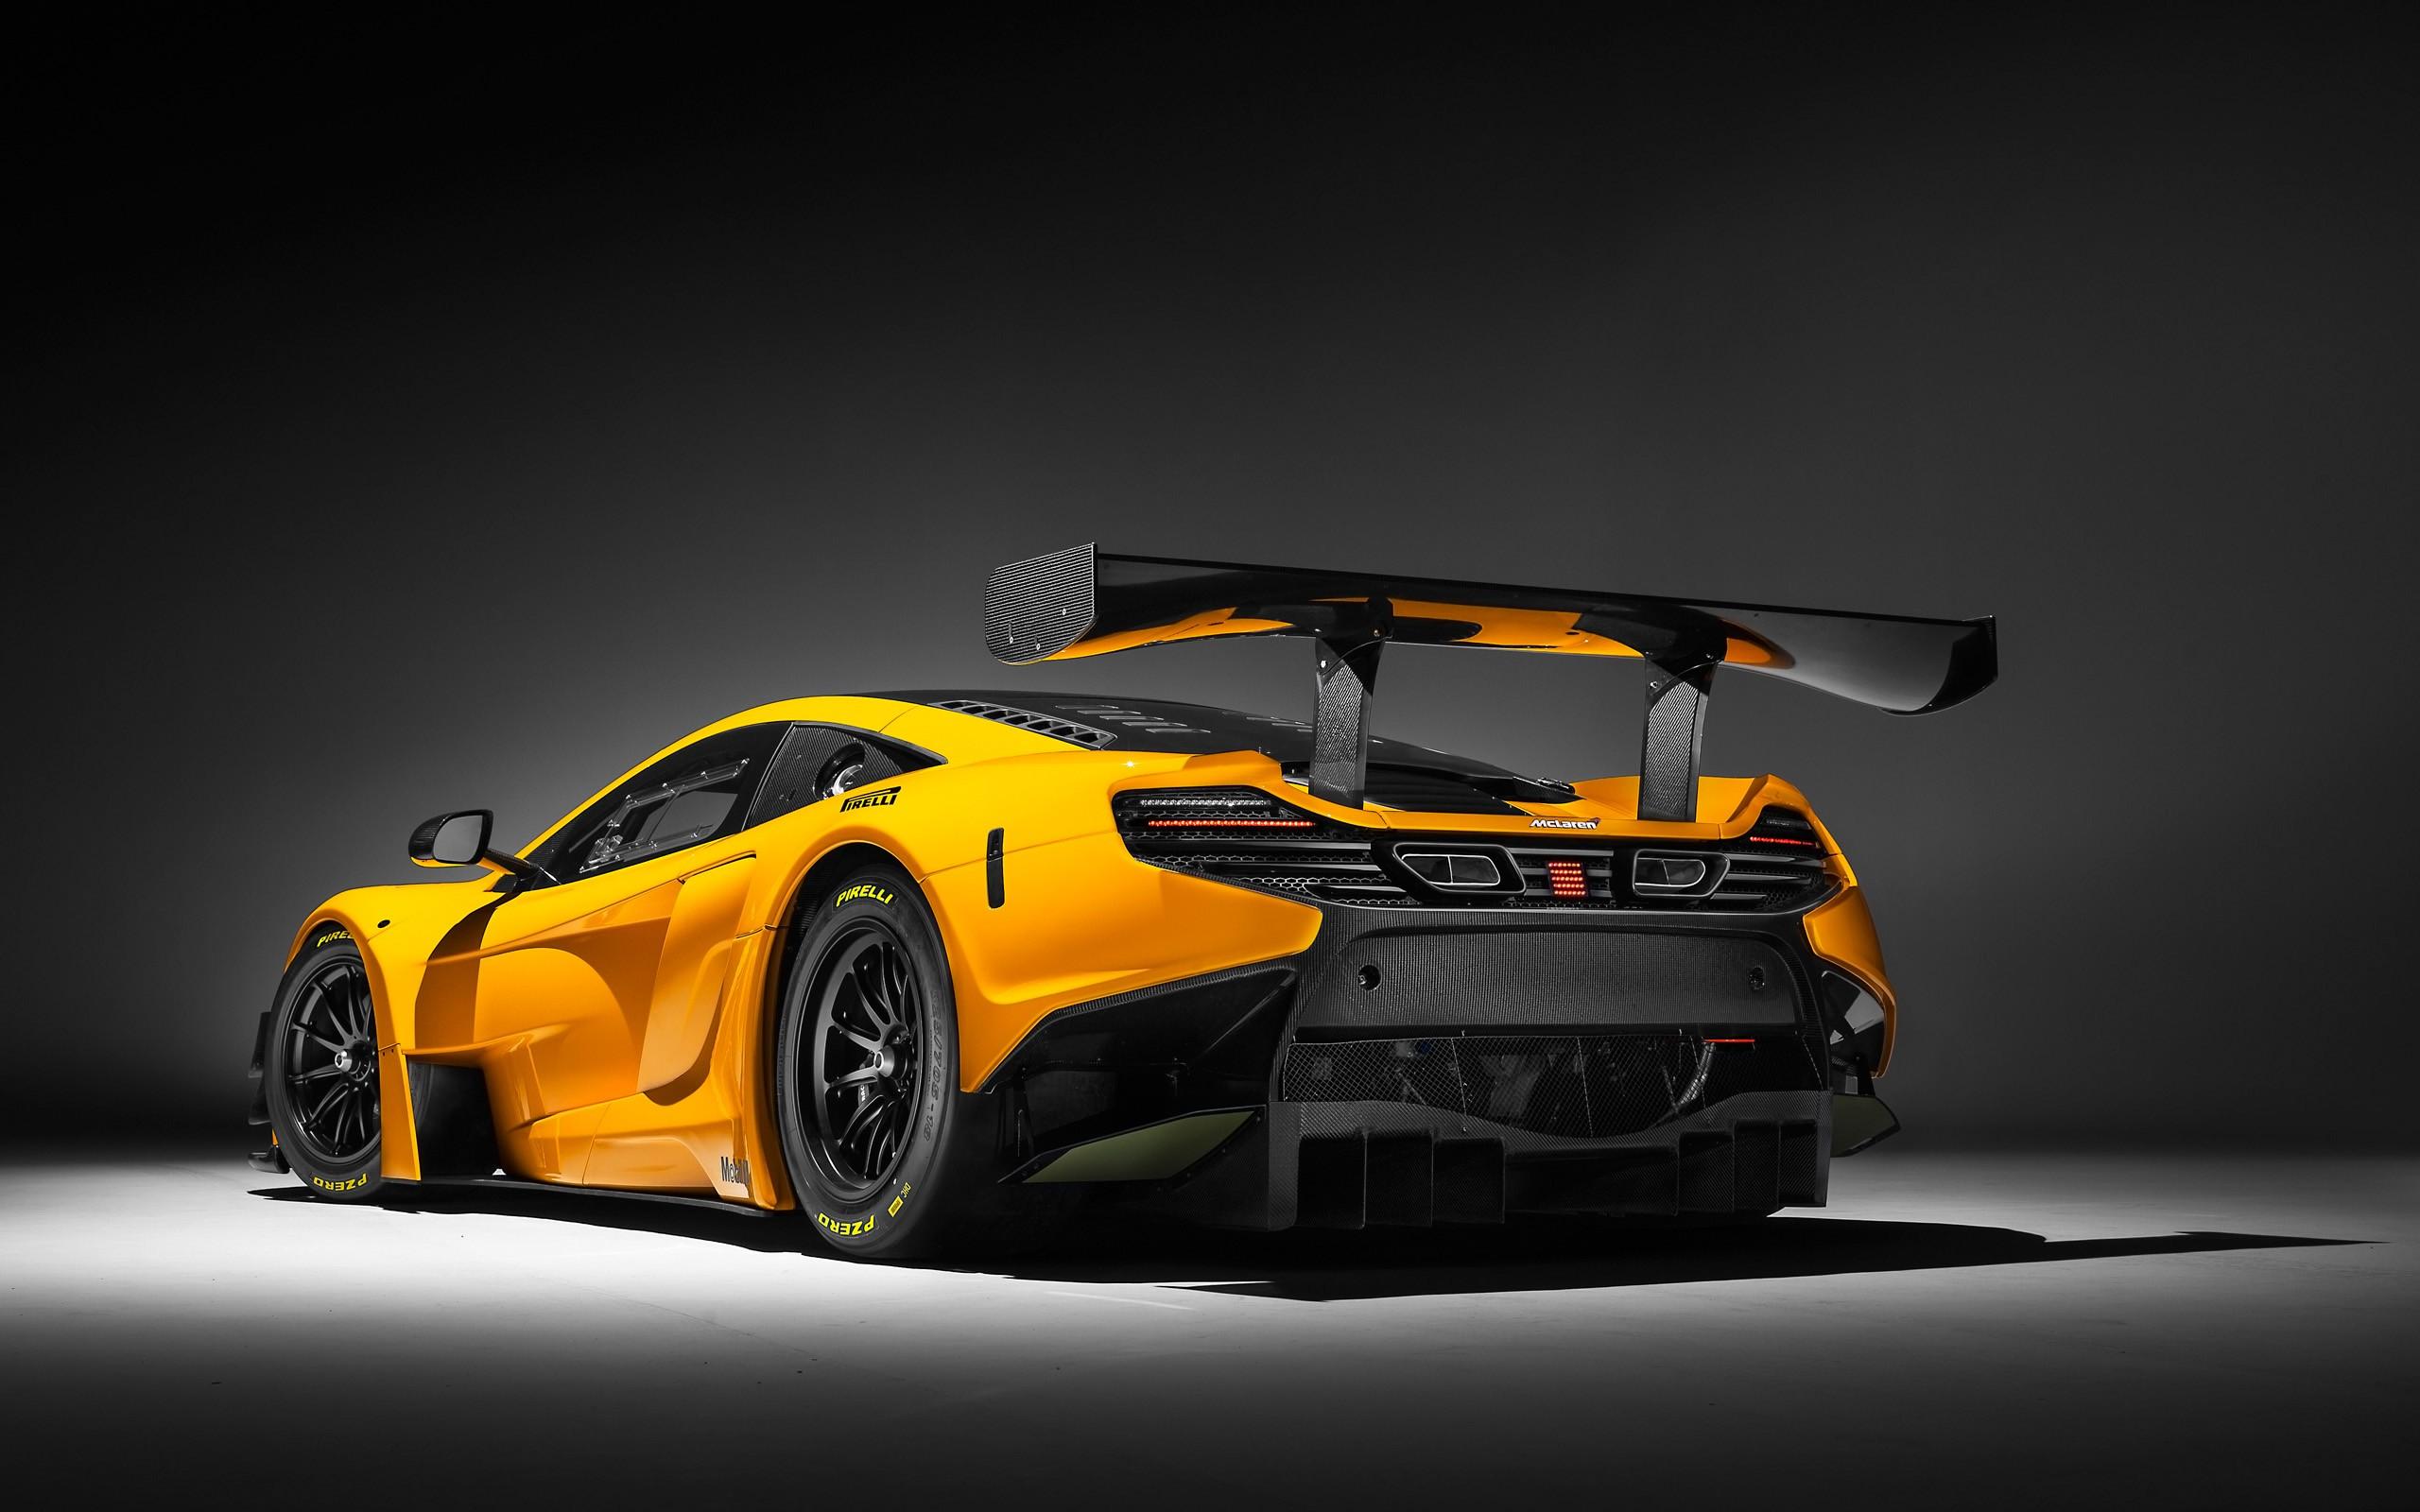 2016 McLaren 650S GT3 2 Wallpaper | HD Car Wallpapers | ID ...